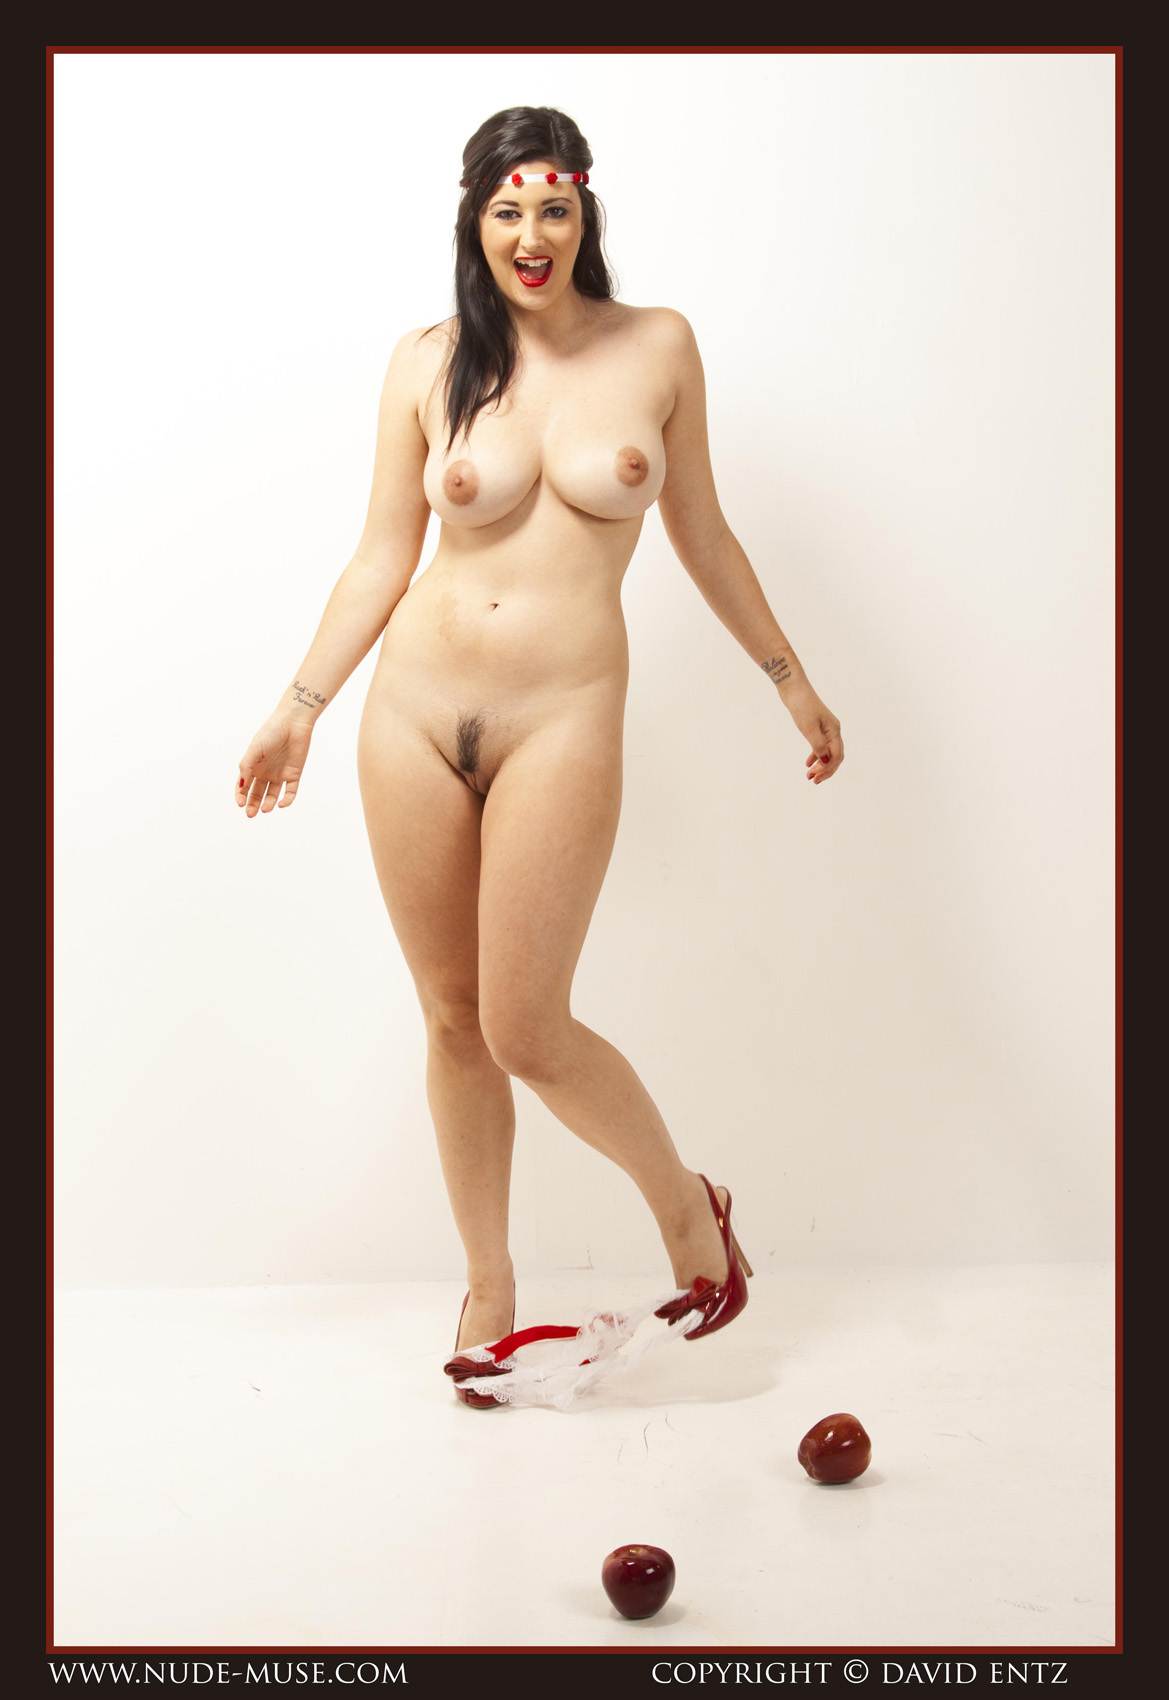 Eden Red Apples - Curvy Erotic